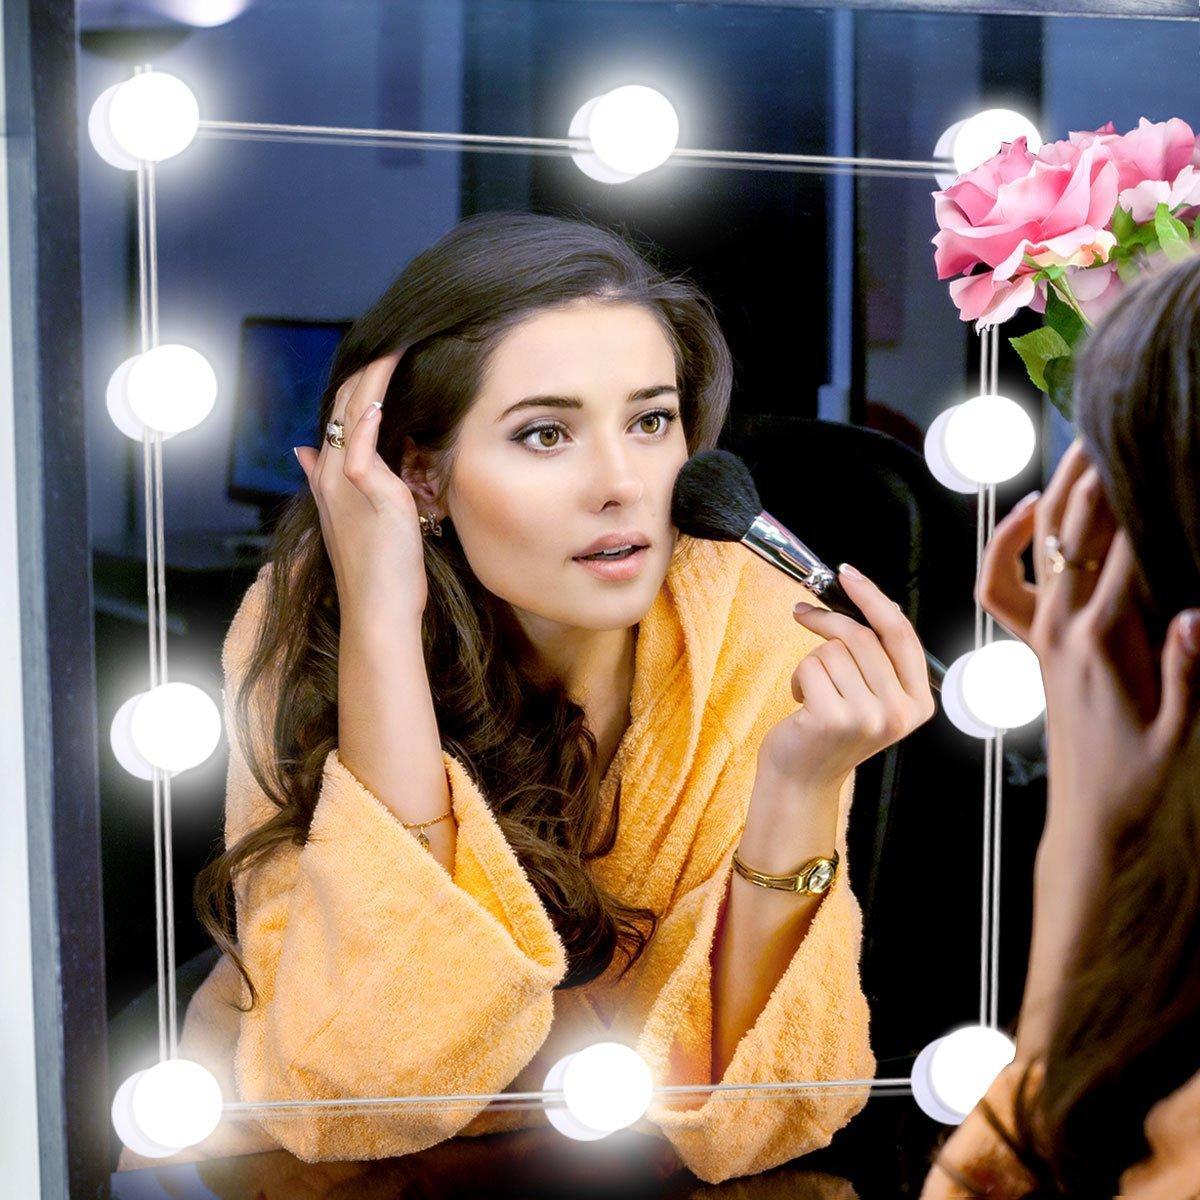 Αυτοκόλλητος Ρυθμιζόμενος Φωτισμός Led Vanity Τύπου Hollywood για Καθρέπτη Τουαλέτας Μακιγιάζ